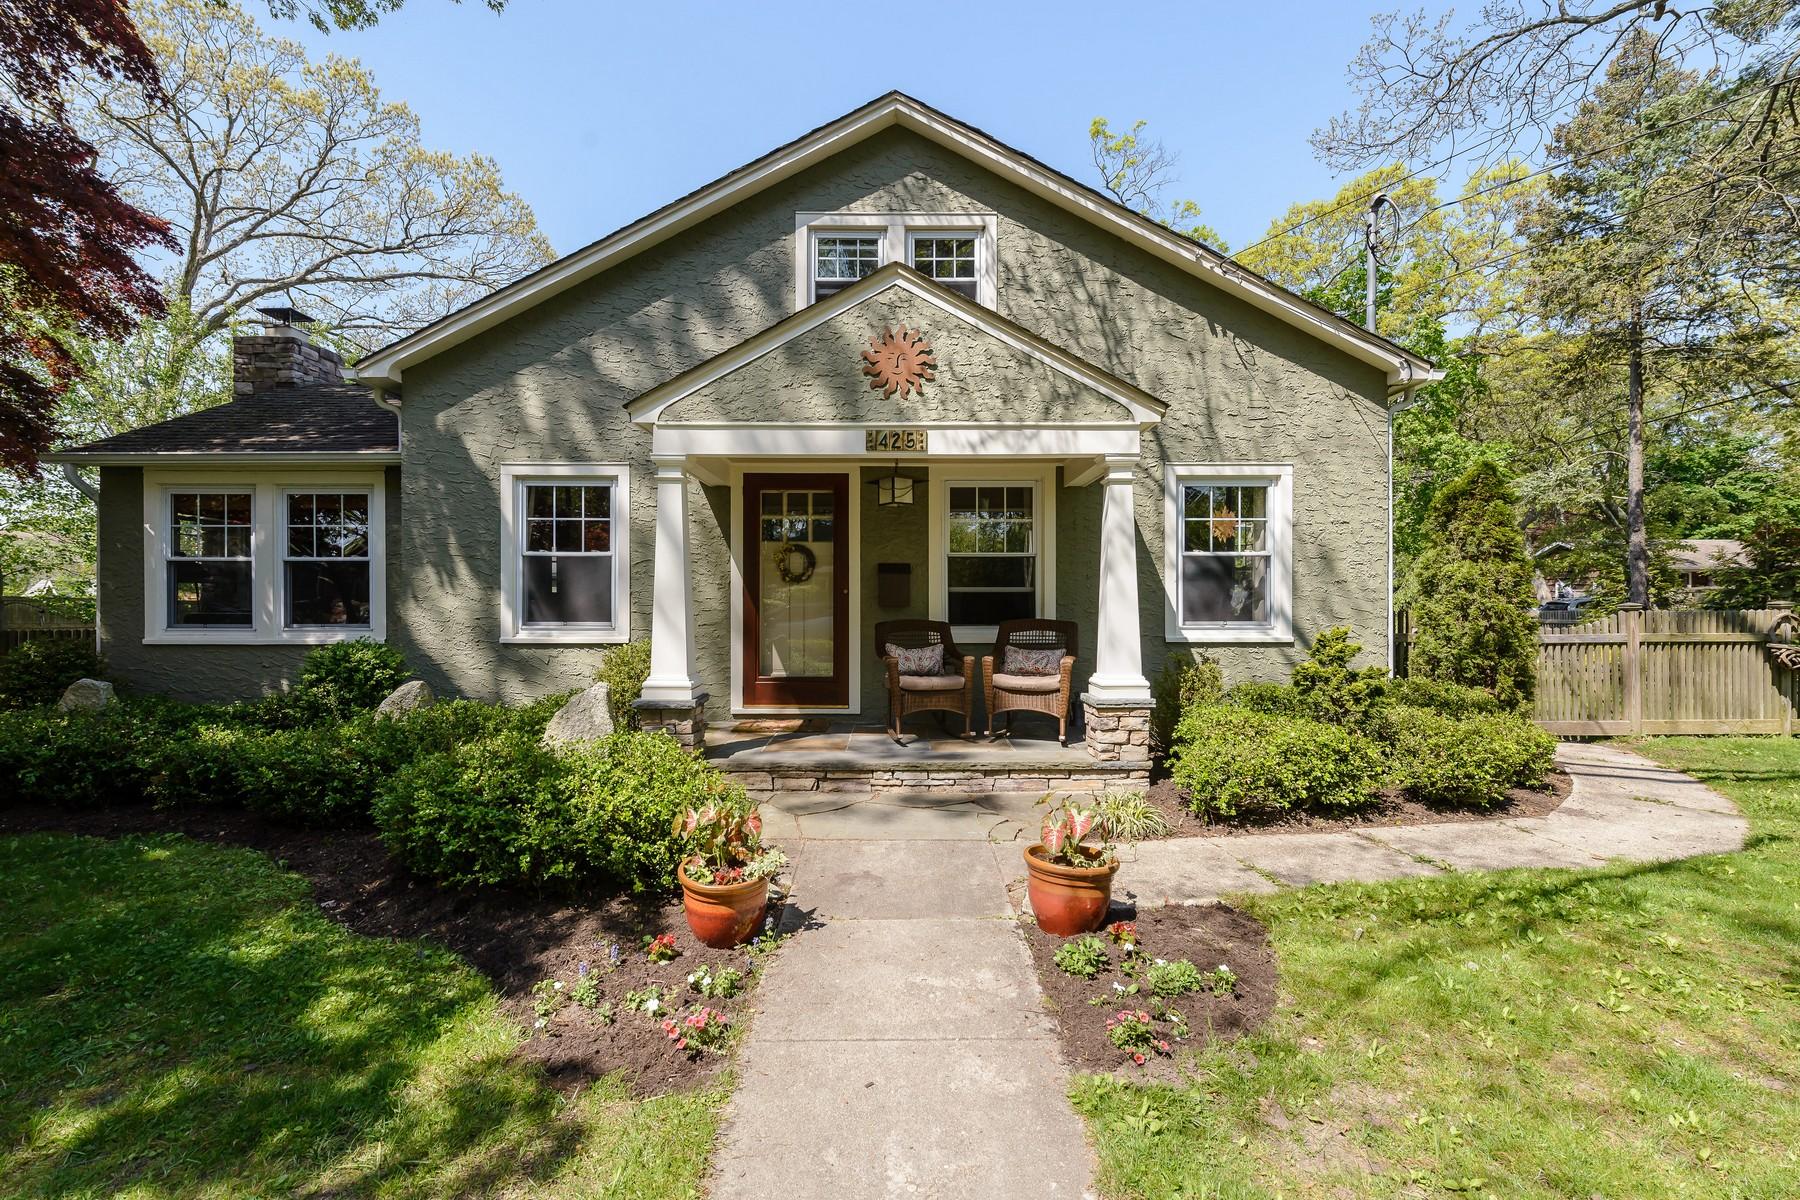 Casa Unifamiliar por un Venta en 425 Pine Drive, Bay Shore, NY 11706 425 Pine Dr, Bay Shore, Nueva York, 11706 Estados Unidos